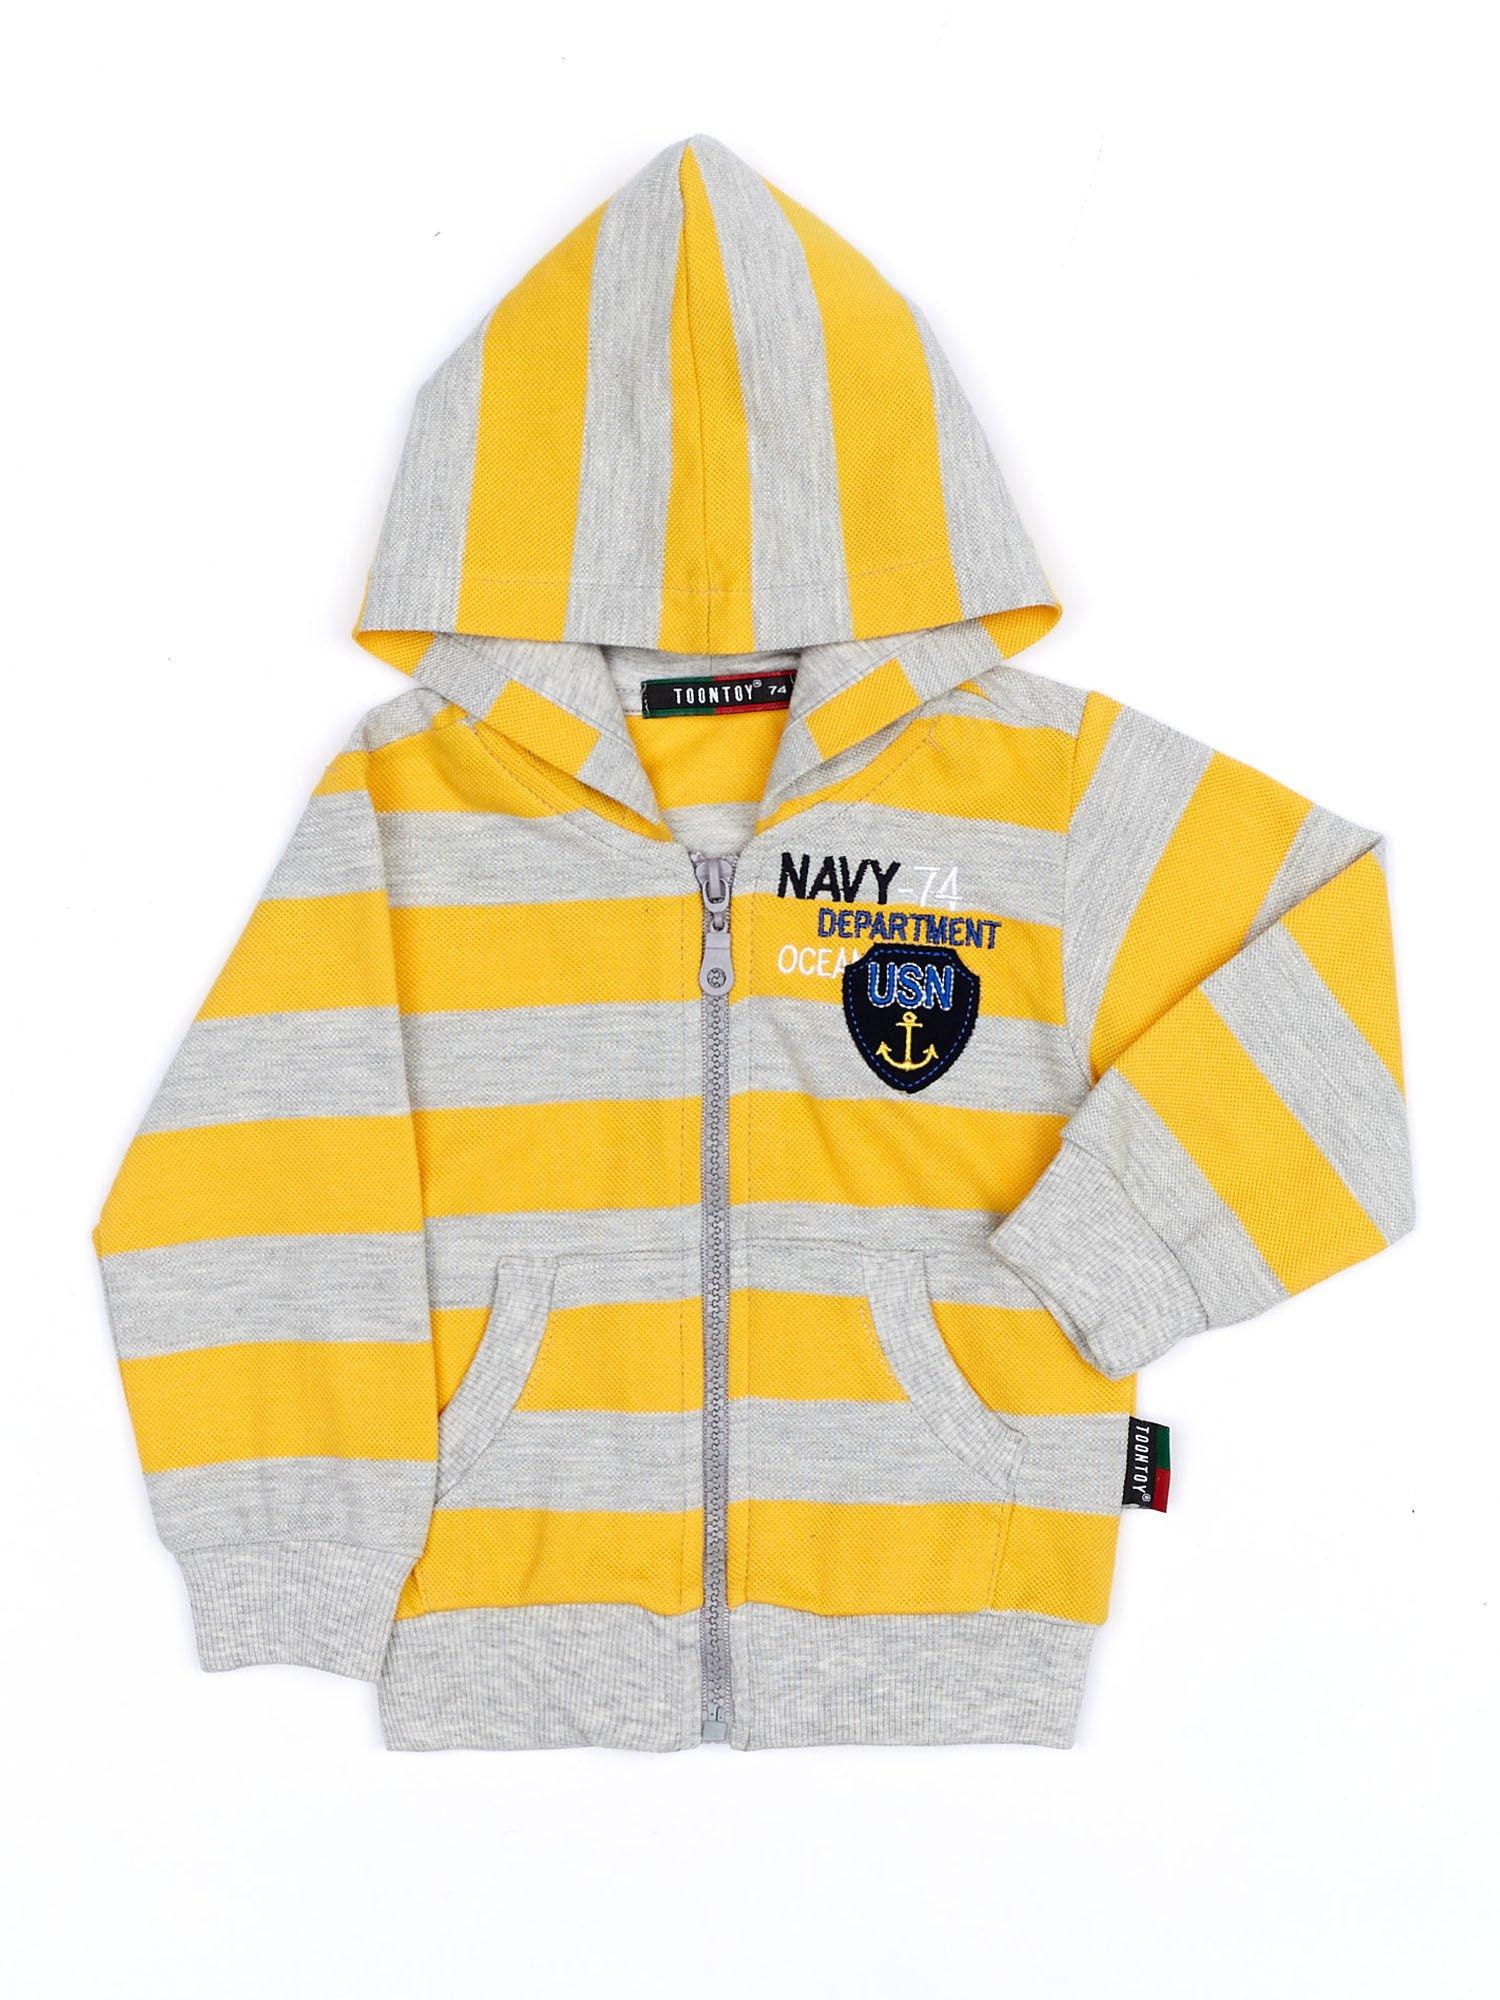 cd8611c9dc04 Żółto-szara bawełniana bluza dziecięca w paski z kapturem - Dziecko  Chłopiec - sklep eButik.pl